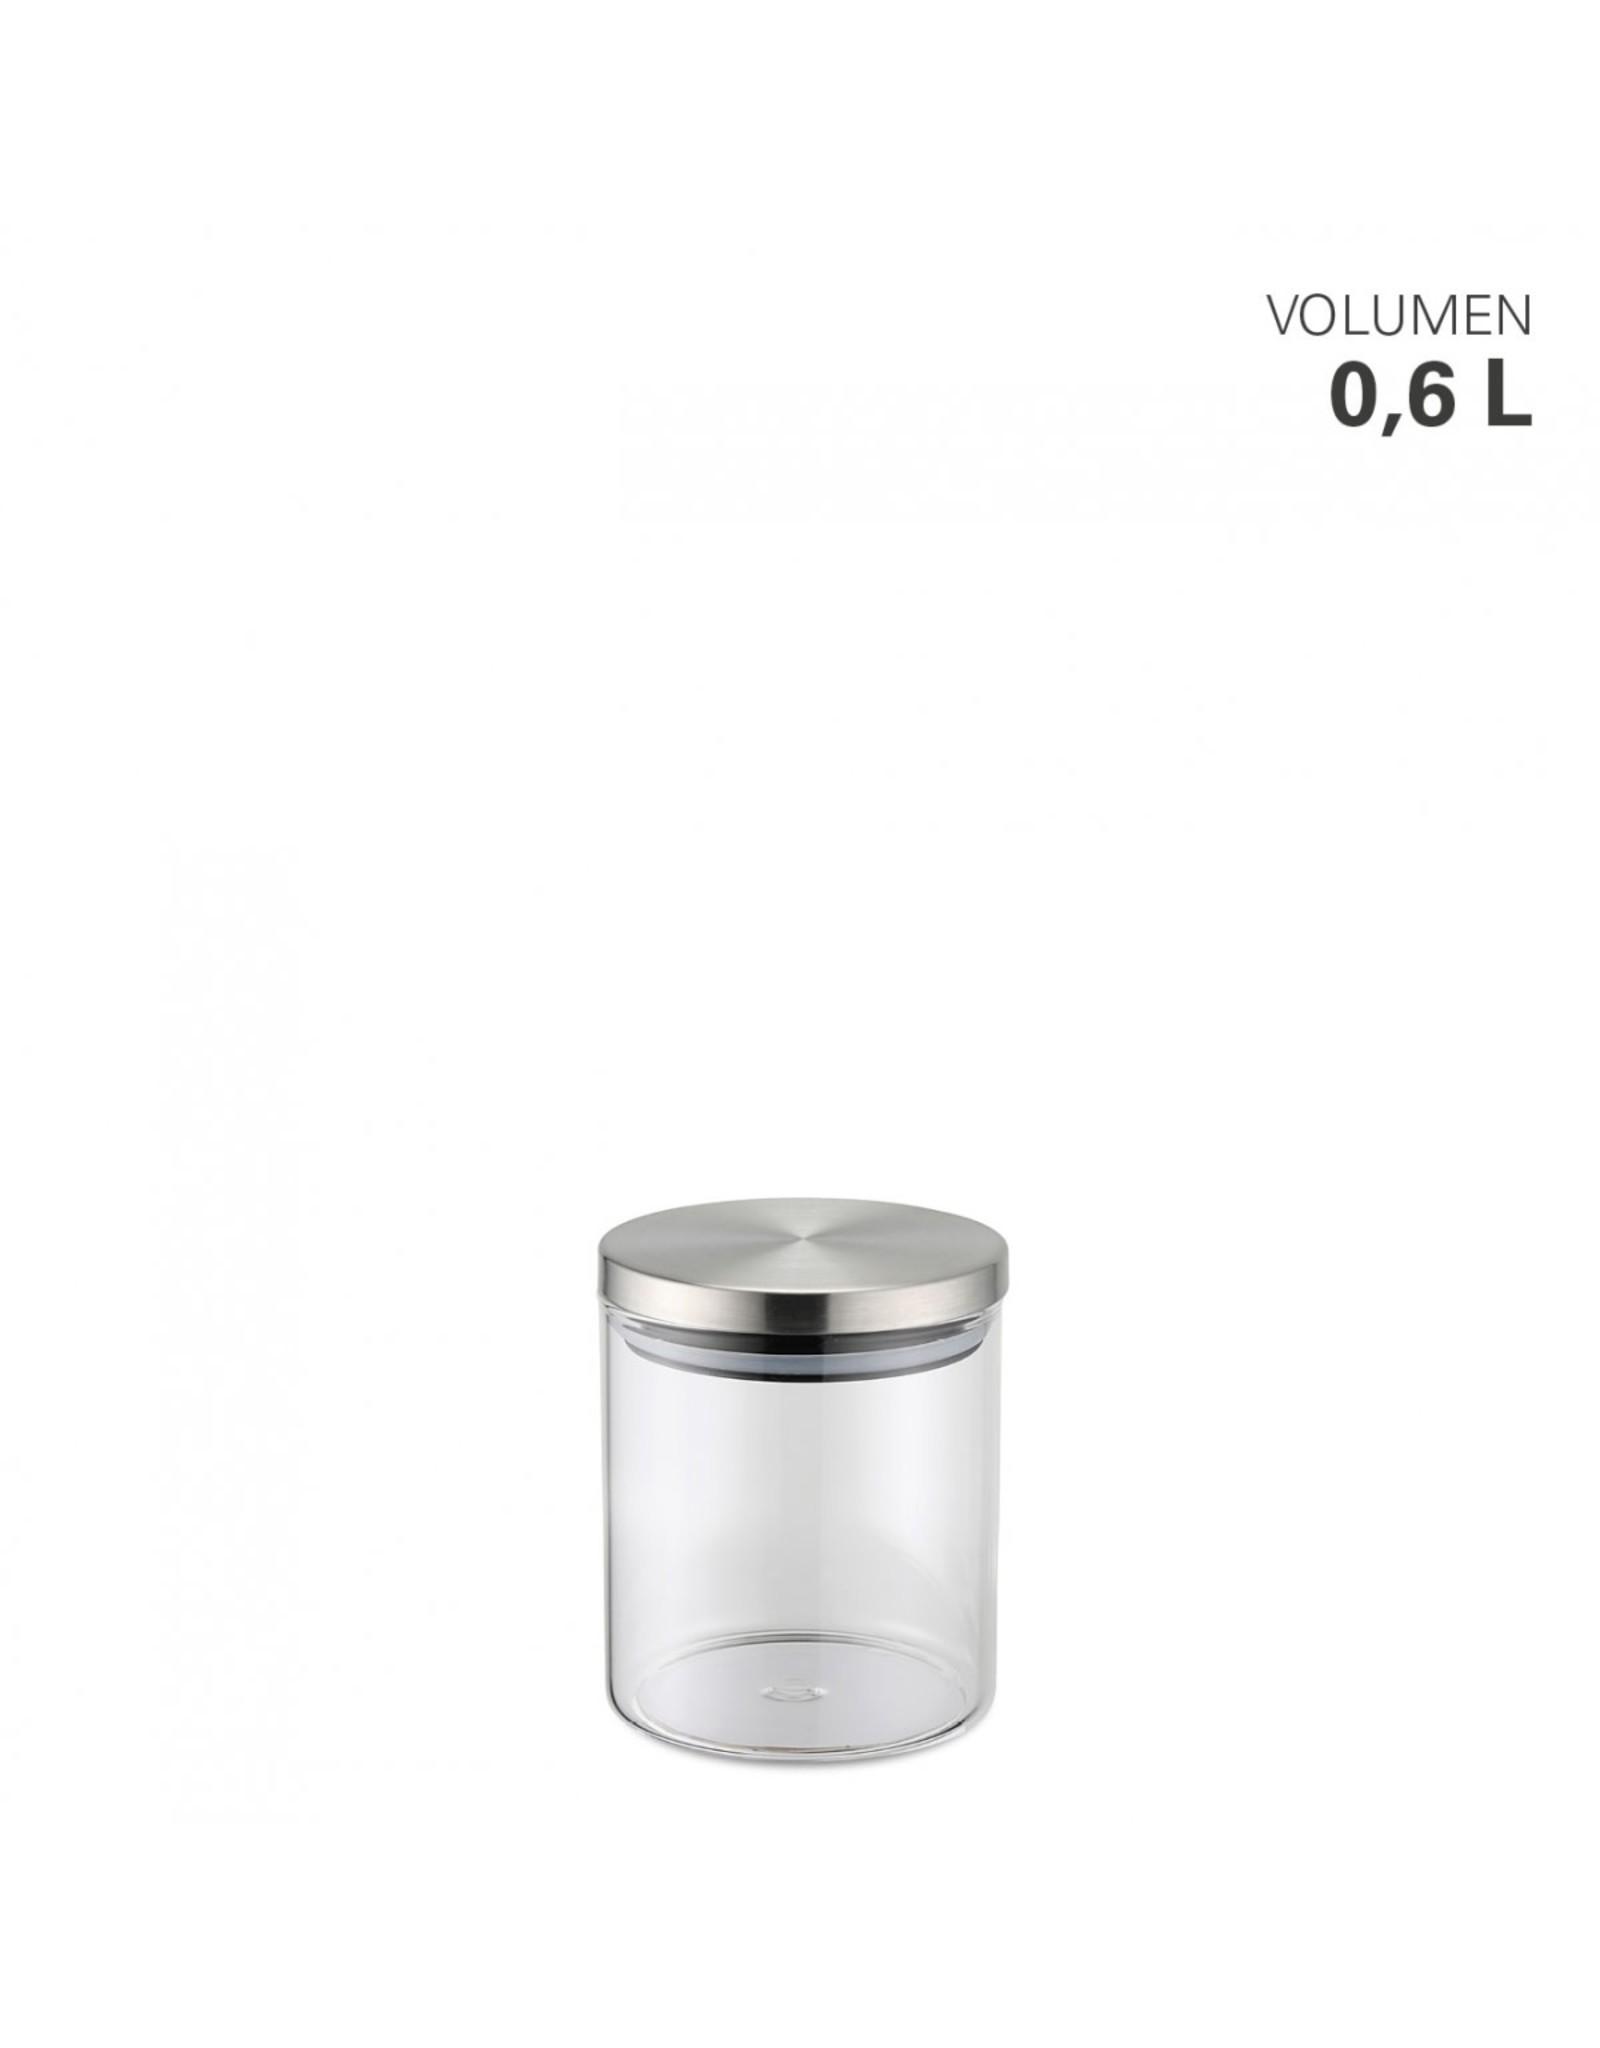 Weis Glazen voorraadpot met RVS deksel 0,6L